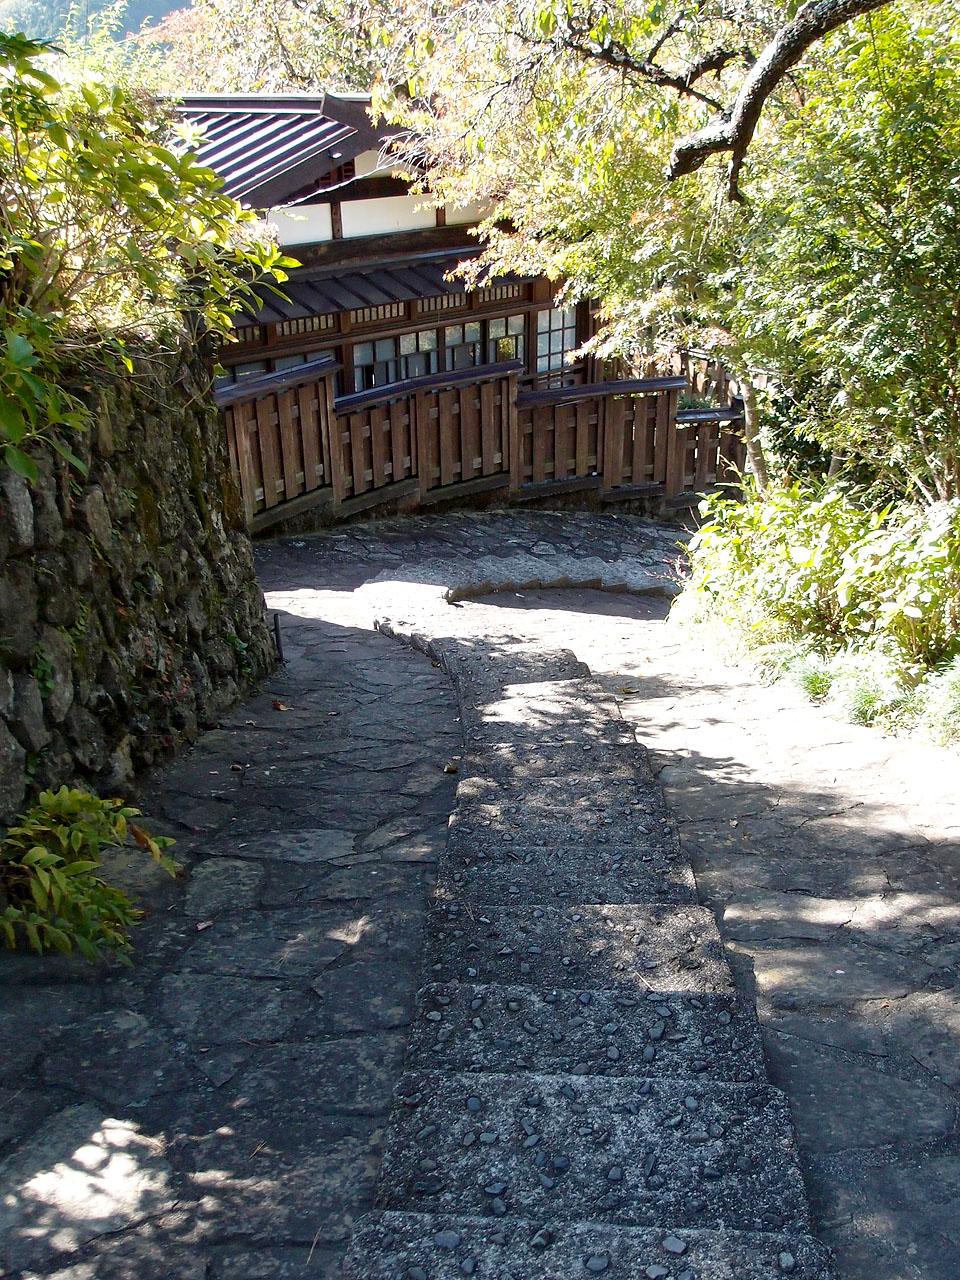 ゆるキャン△探訪記:田舎のおばあちゃん家に行ったような…赤沢宿